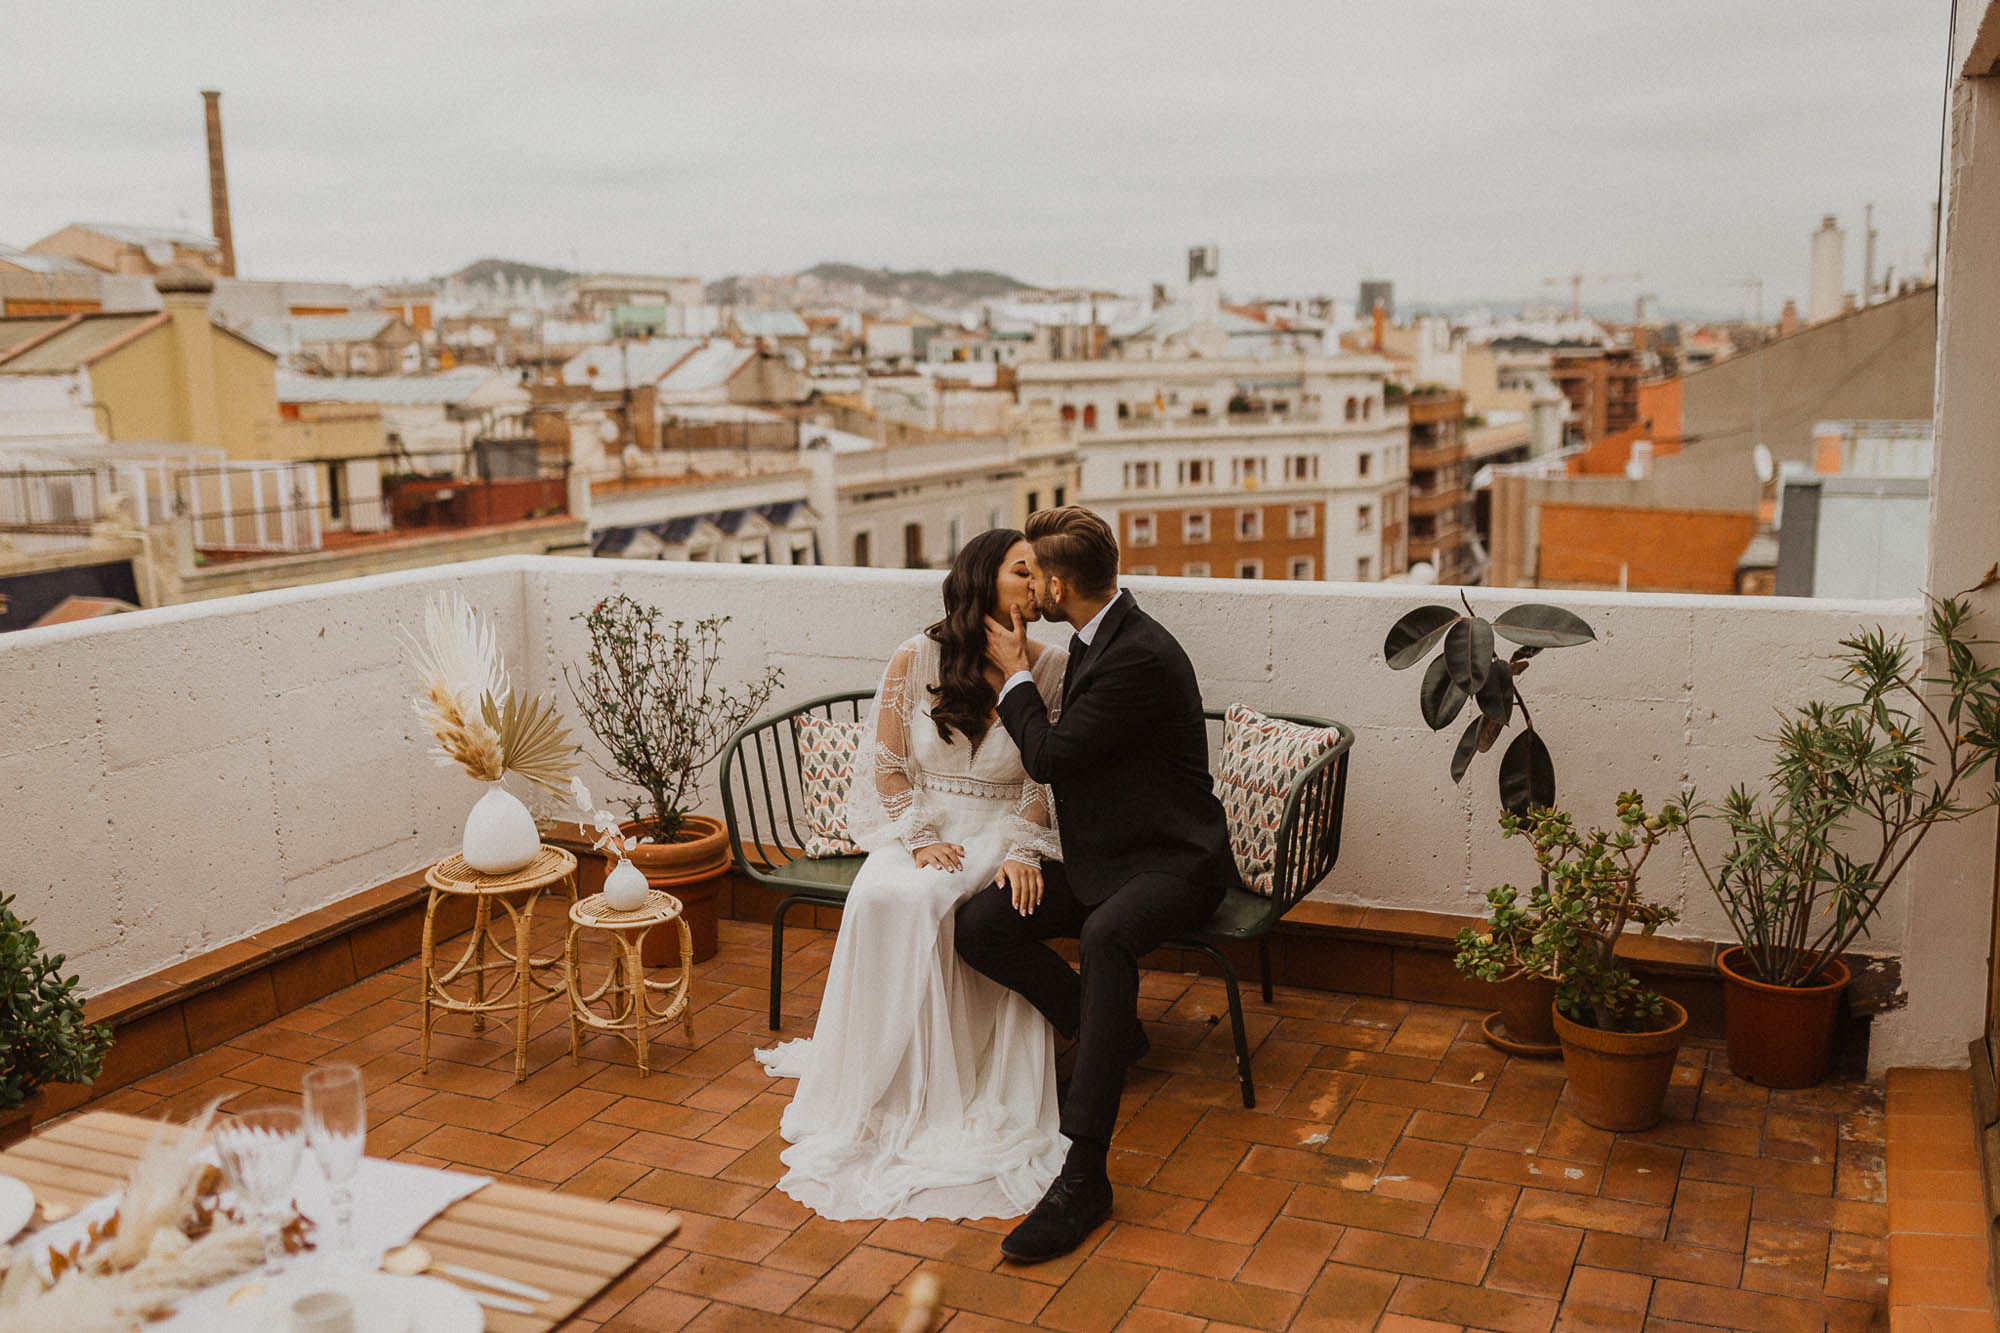 Barcelona rooftop wedding